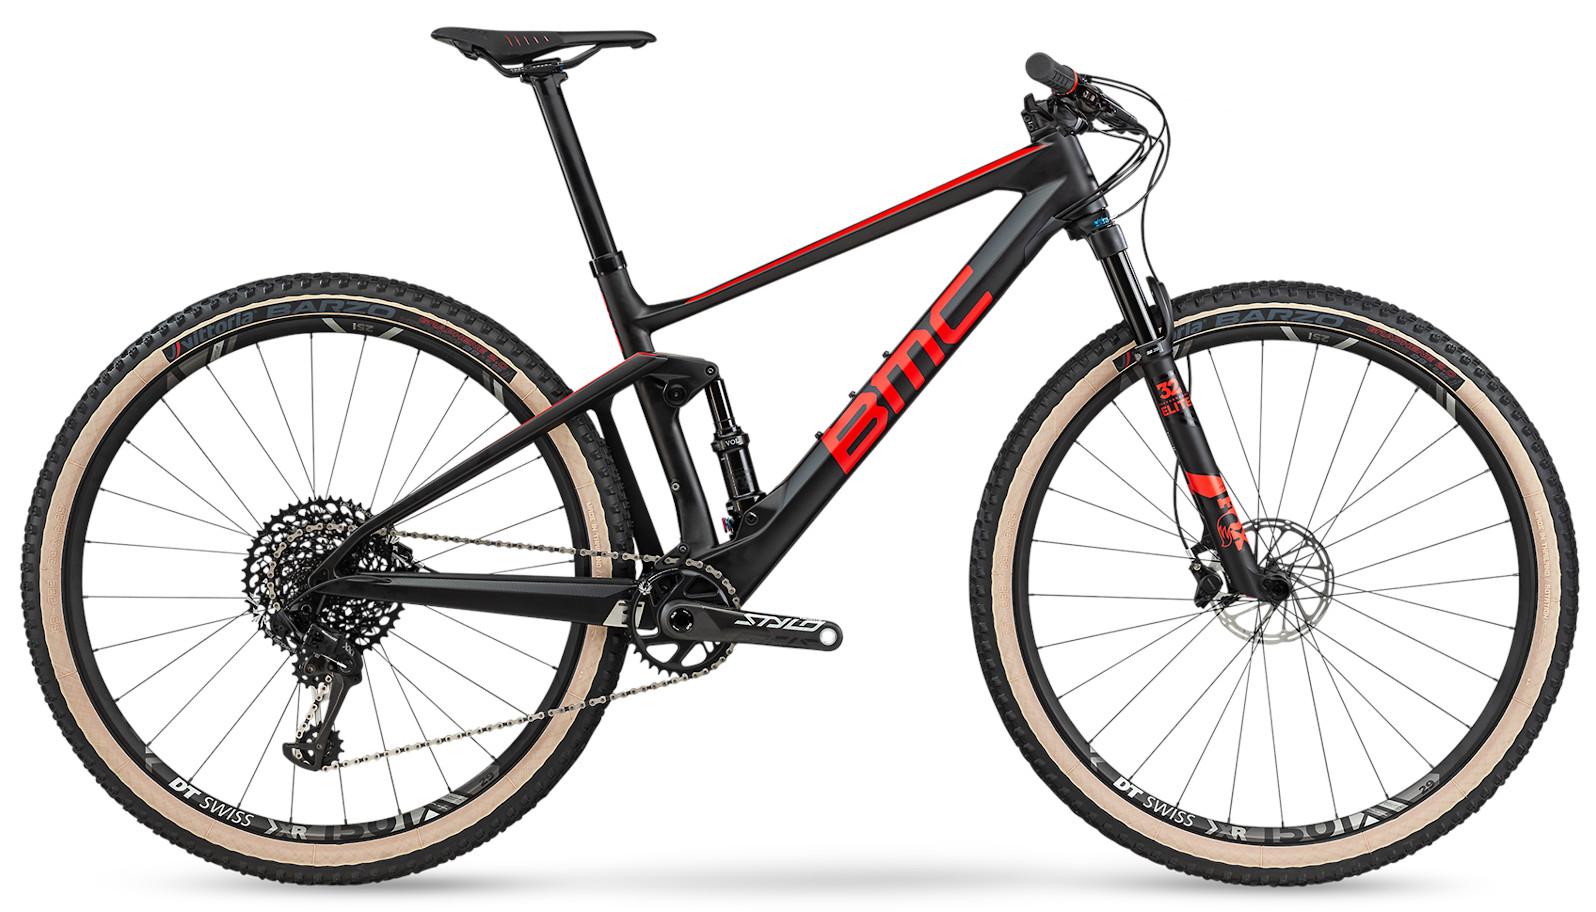 2020 BMC Fourstroke 01 Two